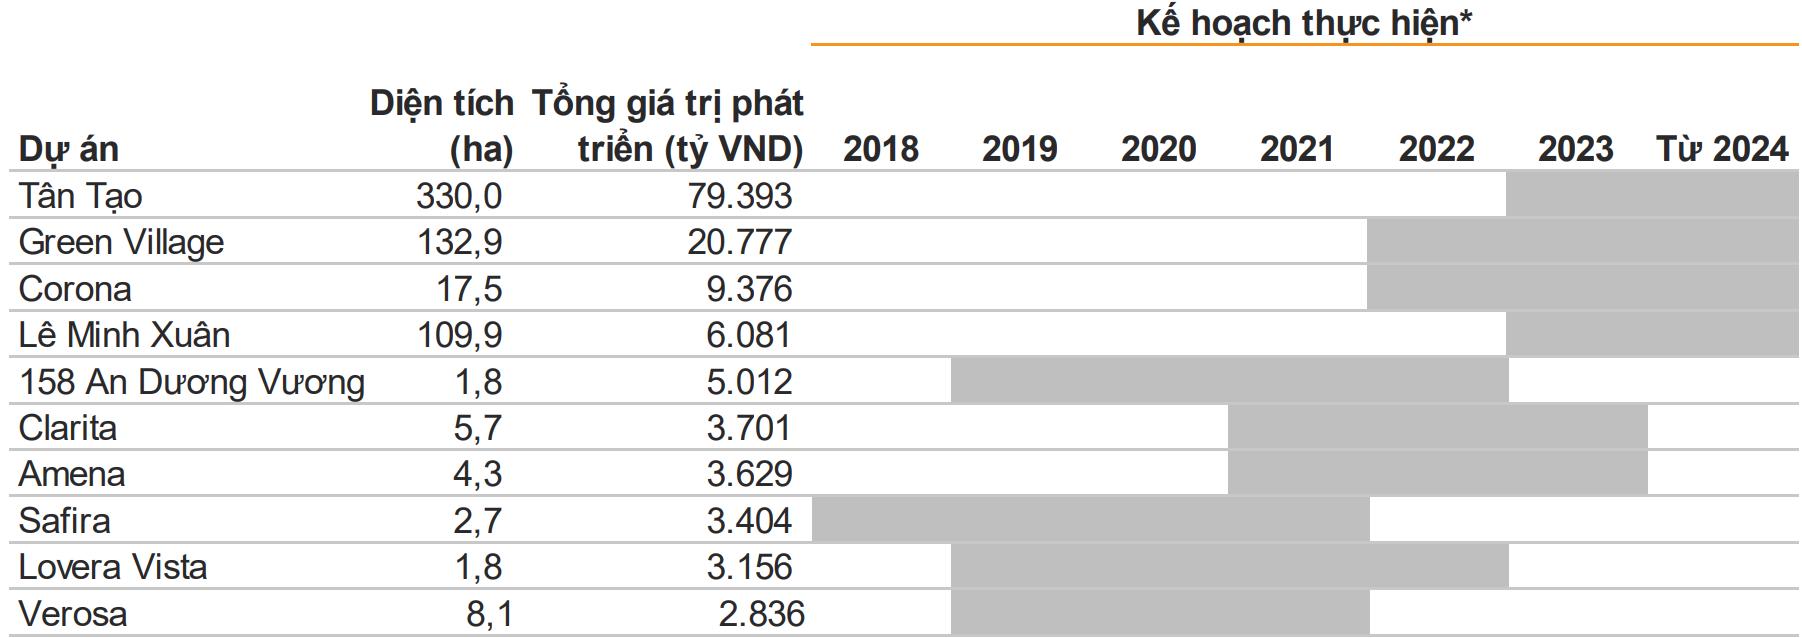 VNDirect: Ba dự án mới tại Thủ Đức và Bình Tân sẽ mang về hơn hơn 12.300 tỷ cho Khang Điền - Ảnh 2.